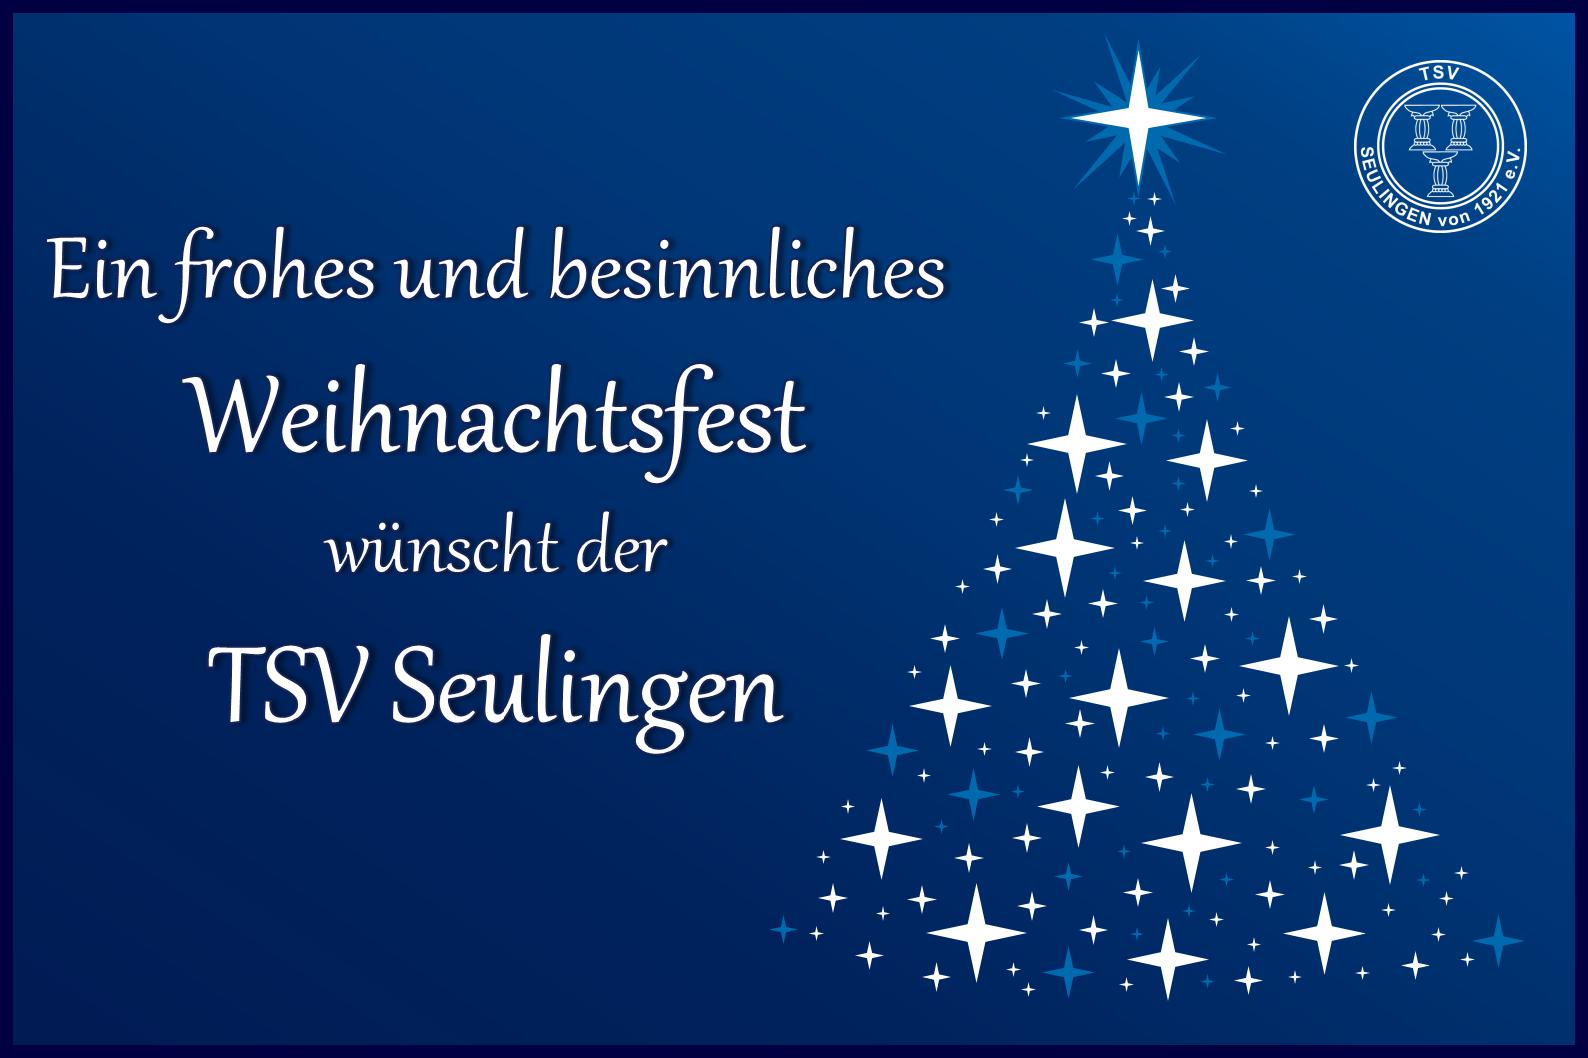 Weihnachtsgruß des TSV Seulingen